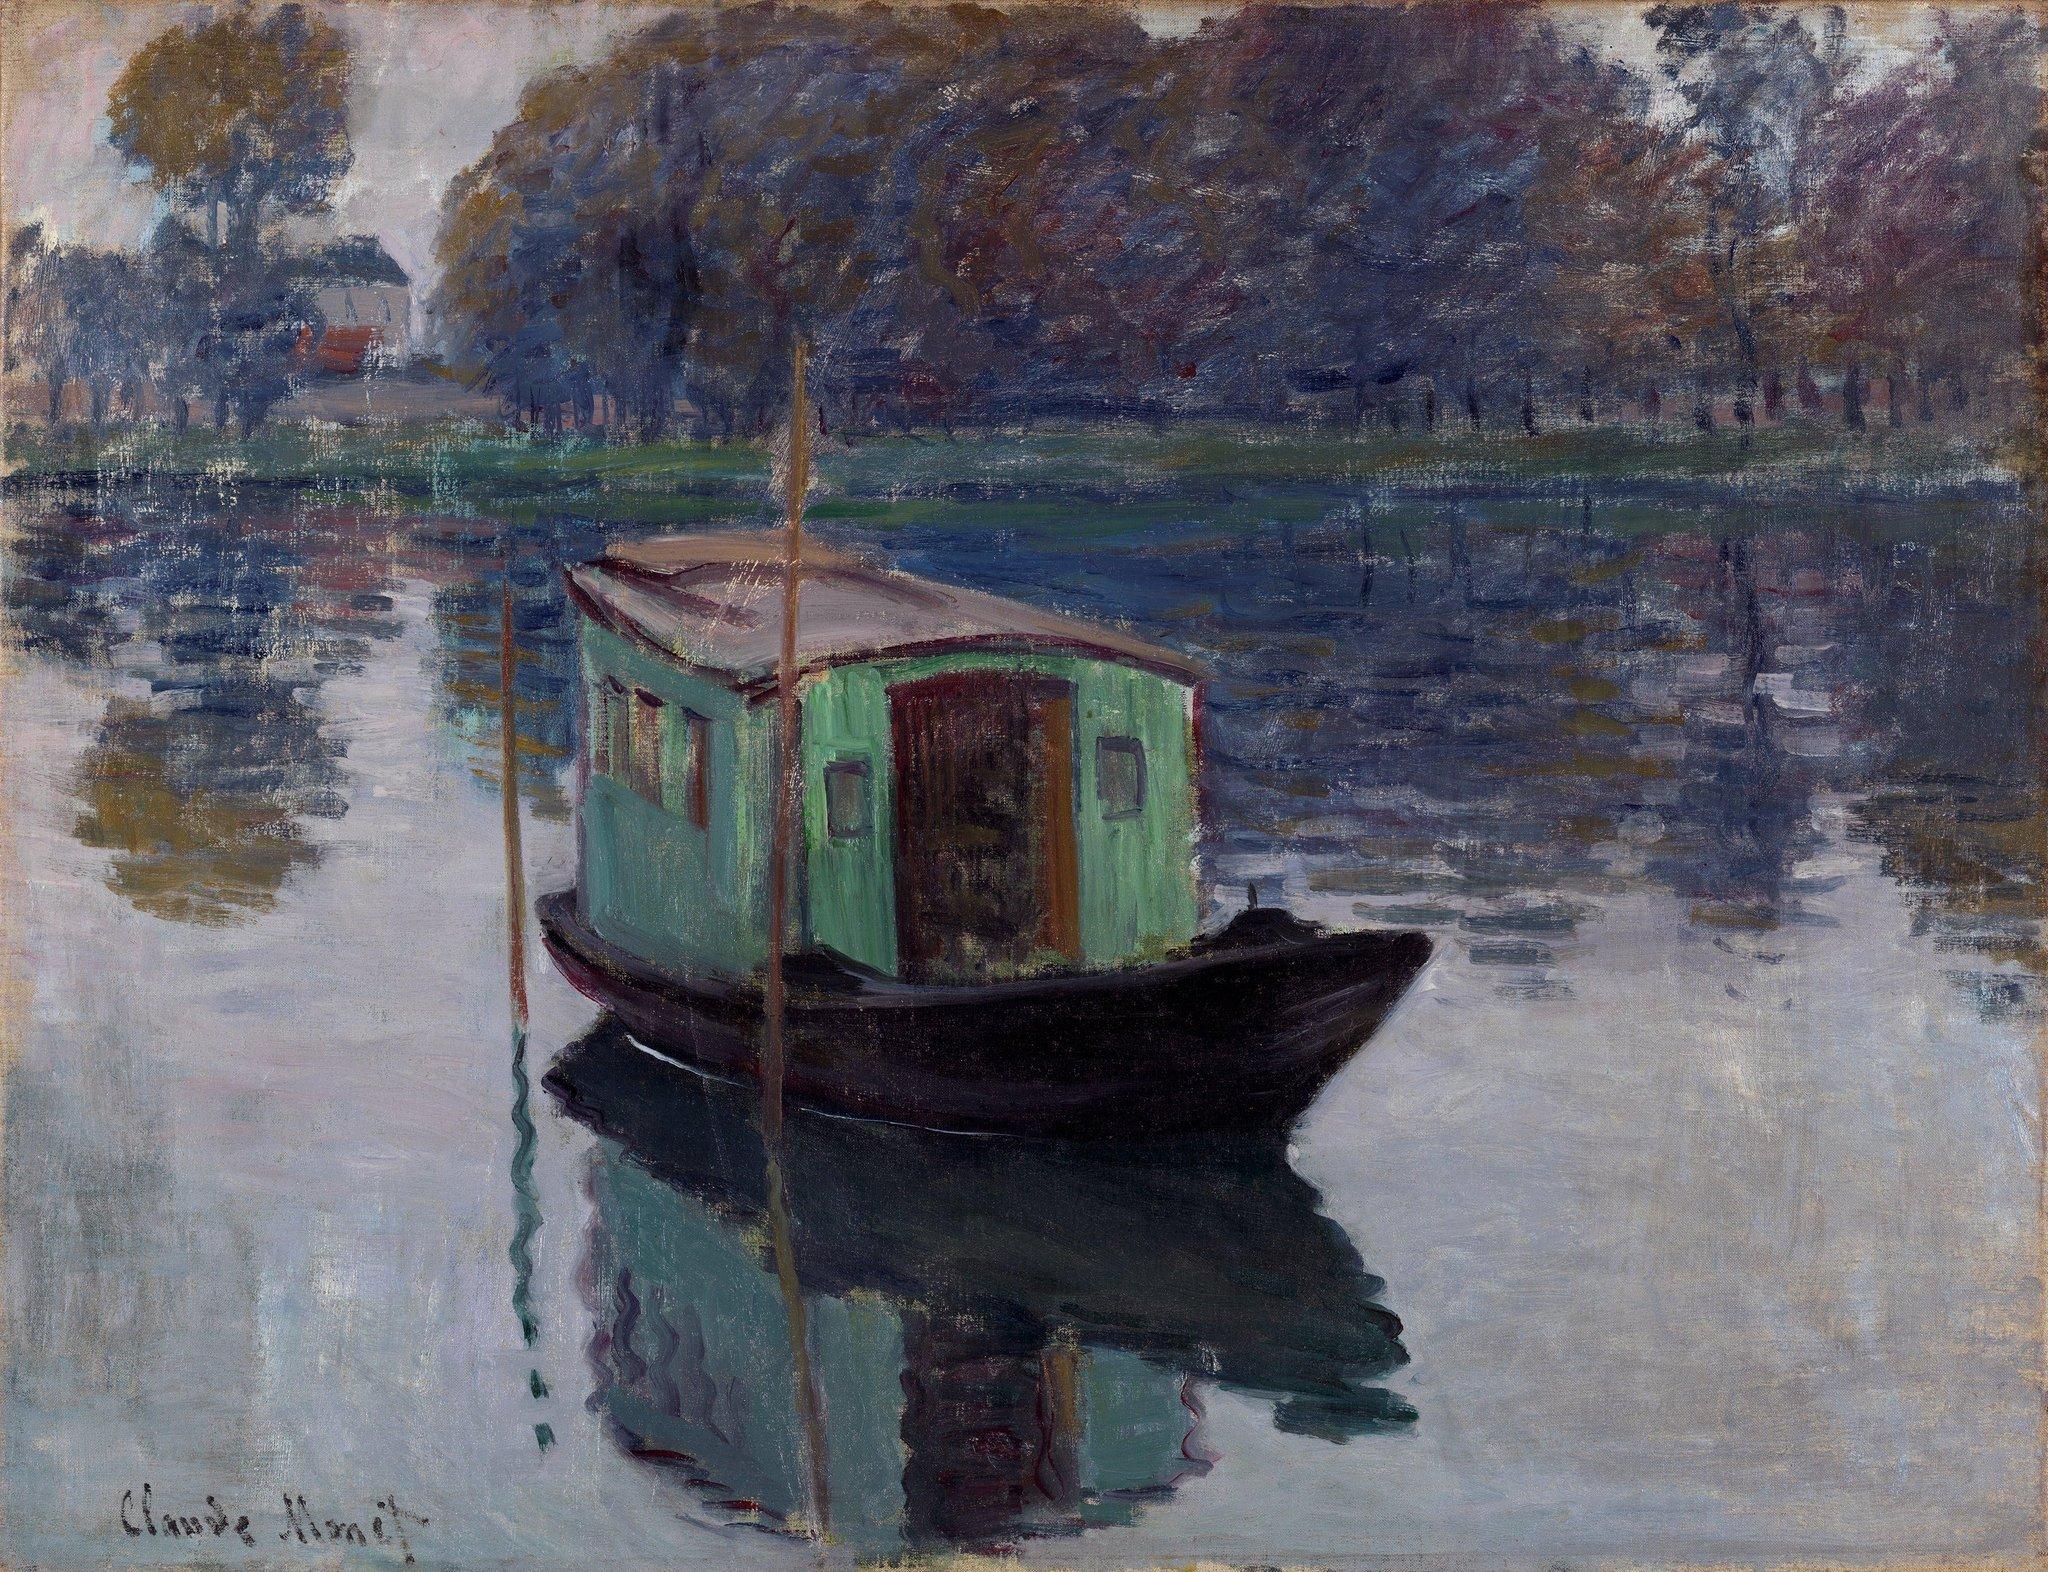 """Bouteflikov ™ 📚 on Twitter: """"Après avoir subi une chirurgie oculaire, le  peintre impressionniste français Claude Monet aurait développé la capacité  de voir certaines longueurs d'onde ultraviolettes. il utilisait cette  capacité pour"""